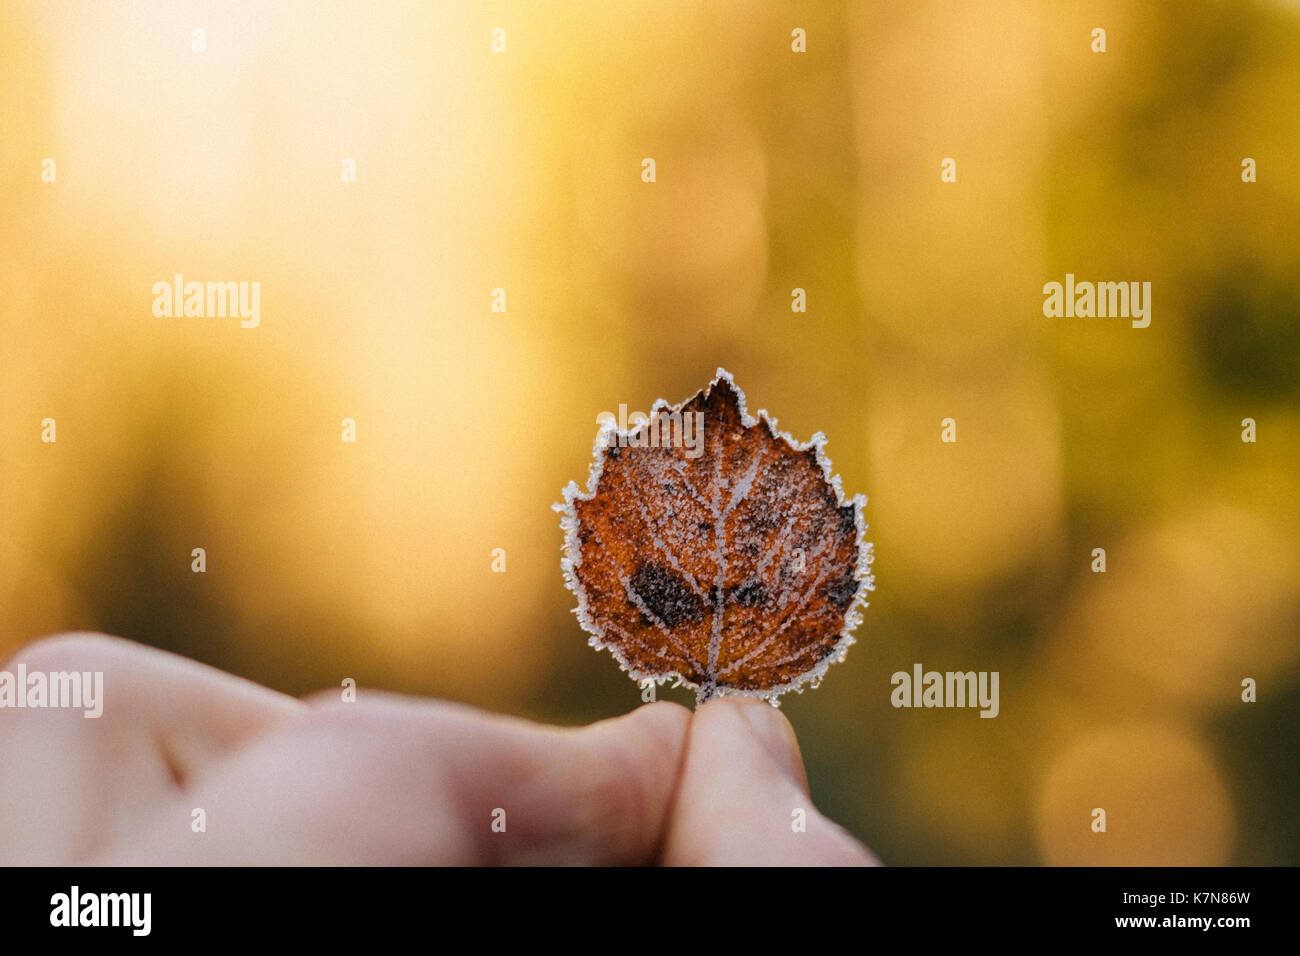 Manteniendo los dedos congelados hoja de otoño Imagen De Stock